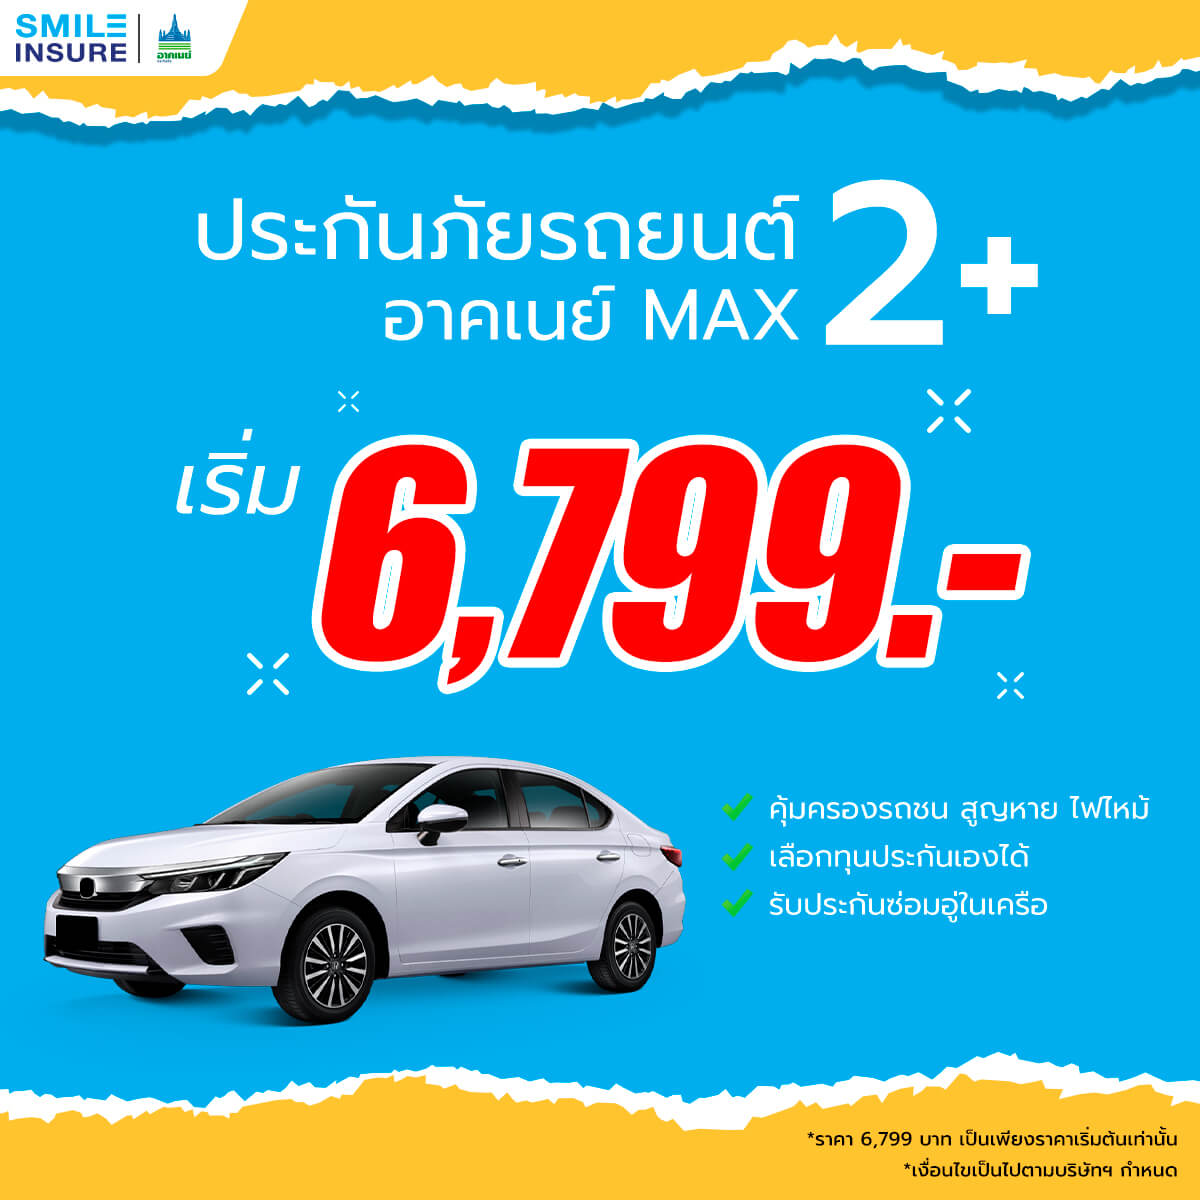 มีงบ 10,000 ทำประกันชั้นไหนได้บ้าง? ประกันภัยรถยนต์ อาคเนย์ MAX 2+ เริ่ม 6,799 บาท/ปี | Smile Insure